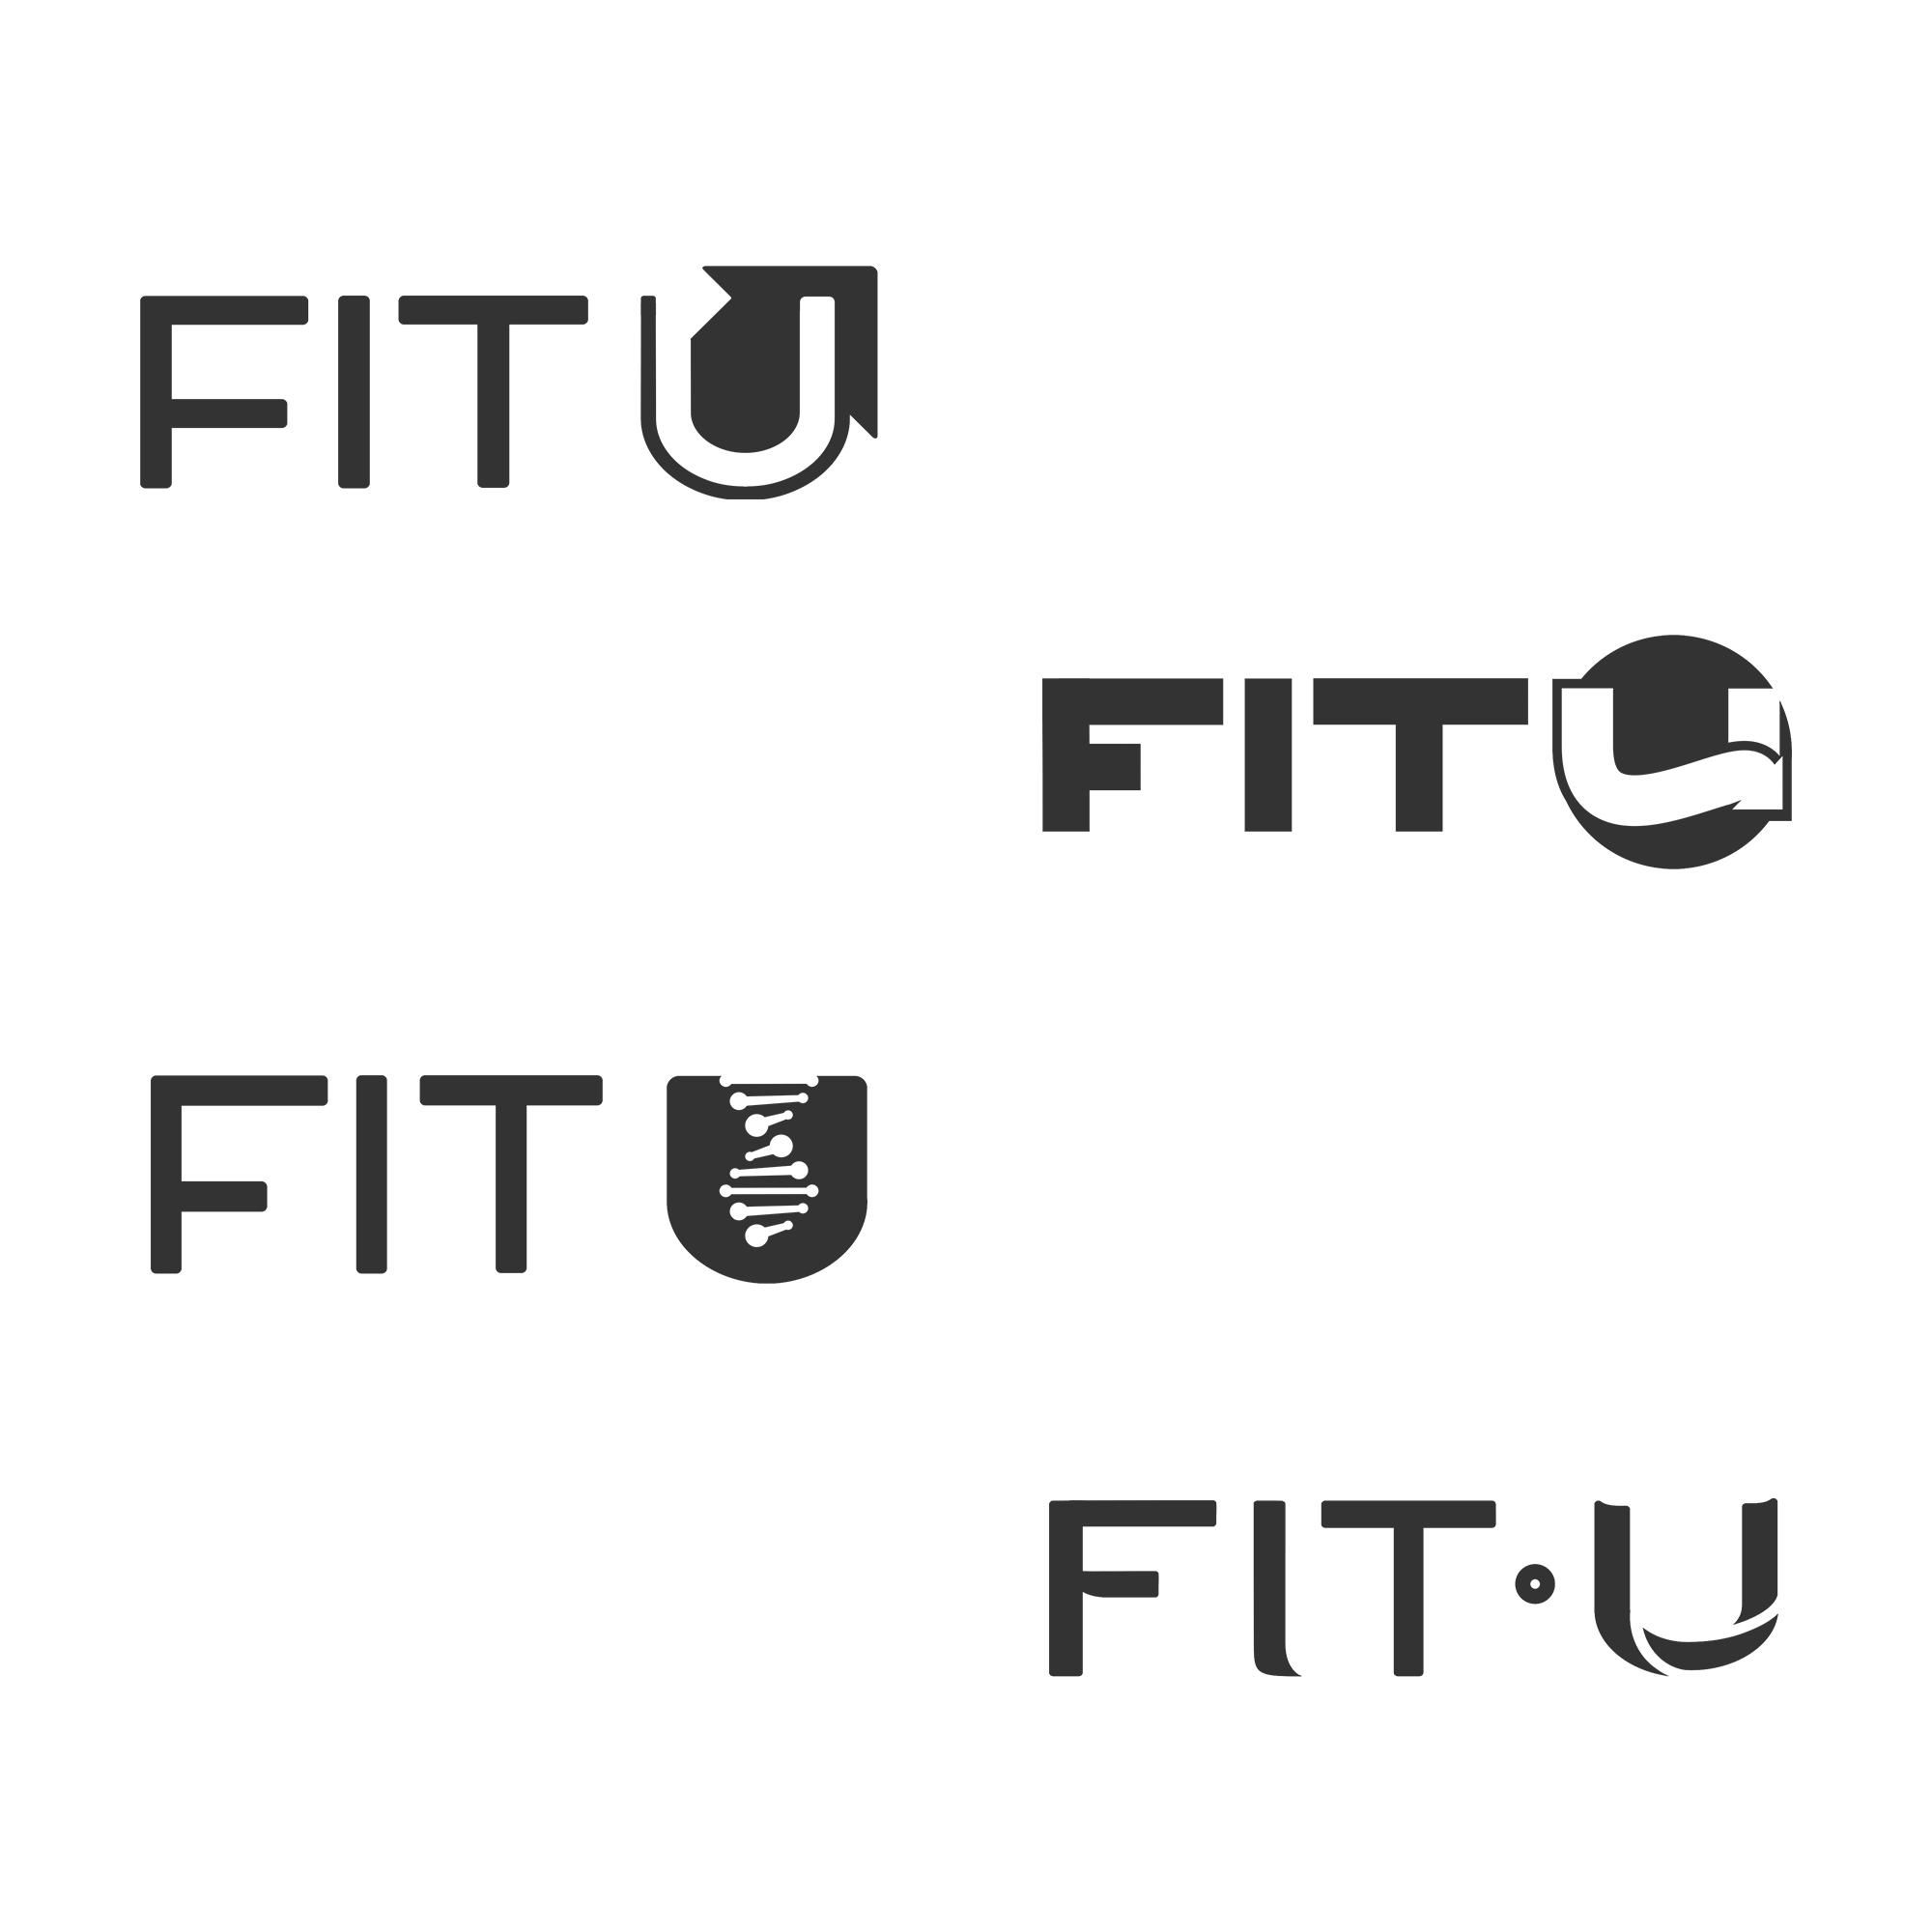 ajr-logos-003-FITU